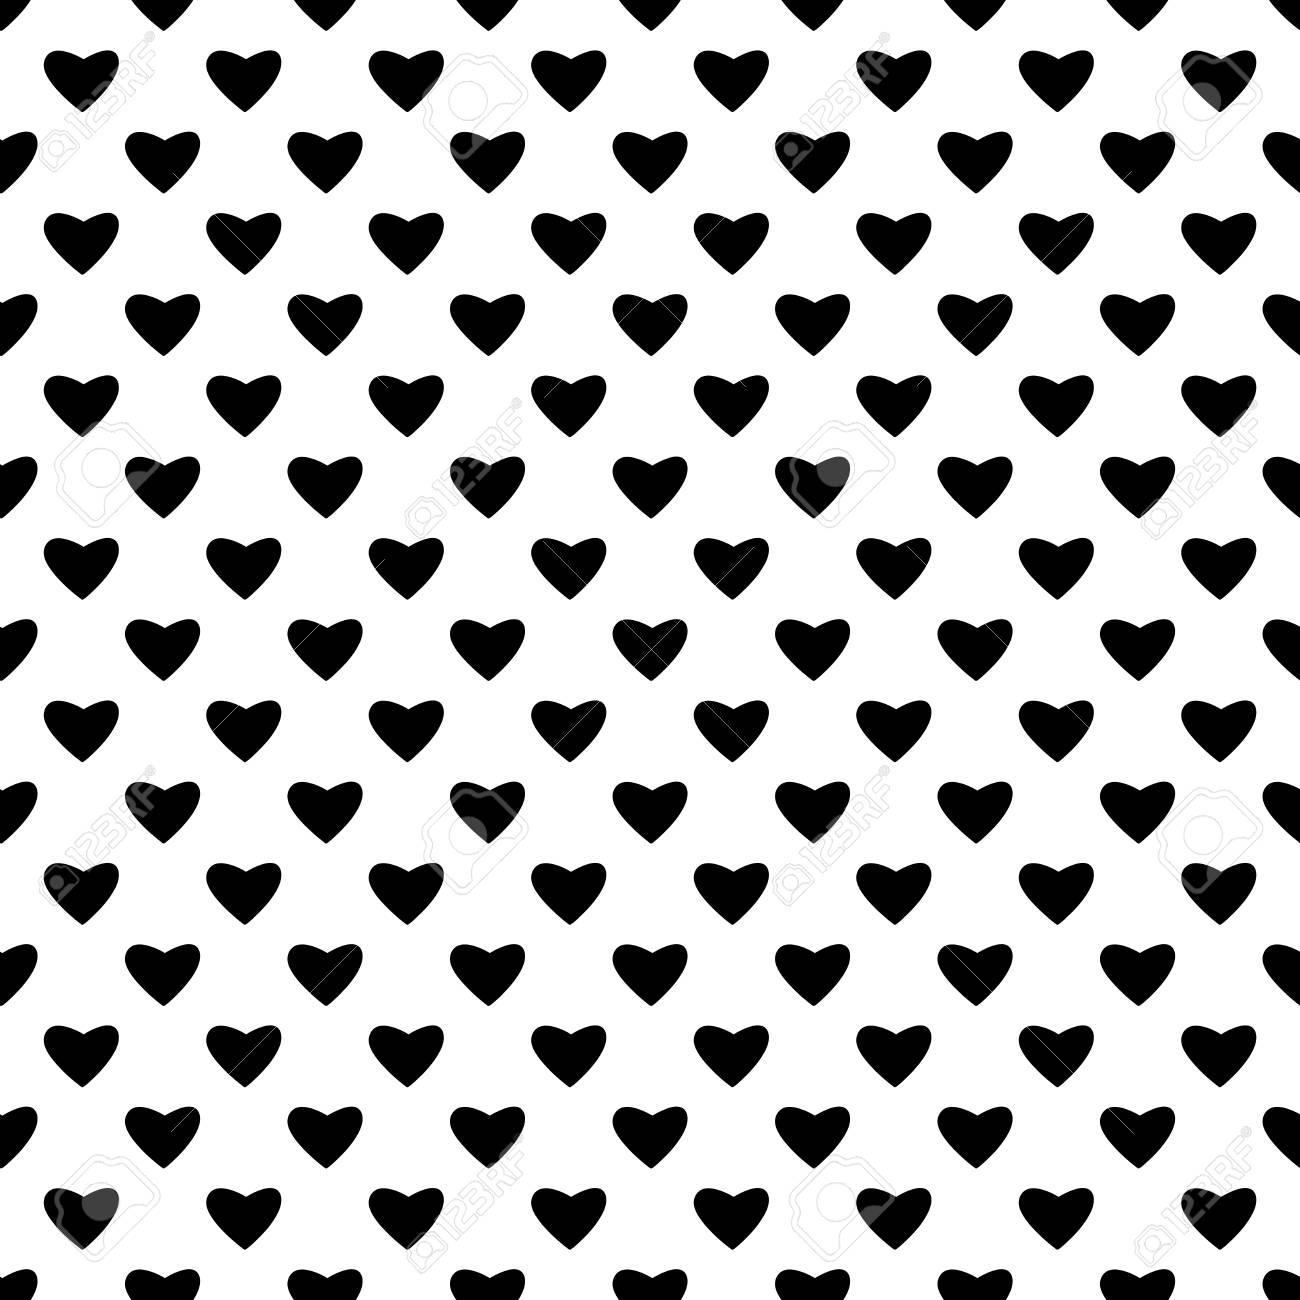 Papier Peint Noir Et Blanc Graphique coeur noir seamless pattern. mode de conception graphique d'arrière-plan.  abstract texture. modèle monochrome pour les impressions, les textiles,